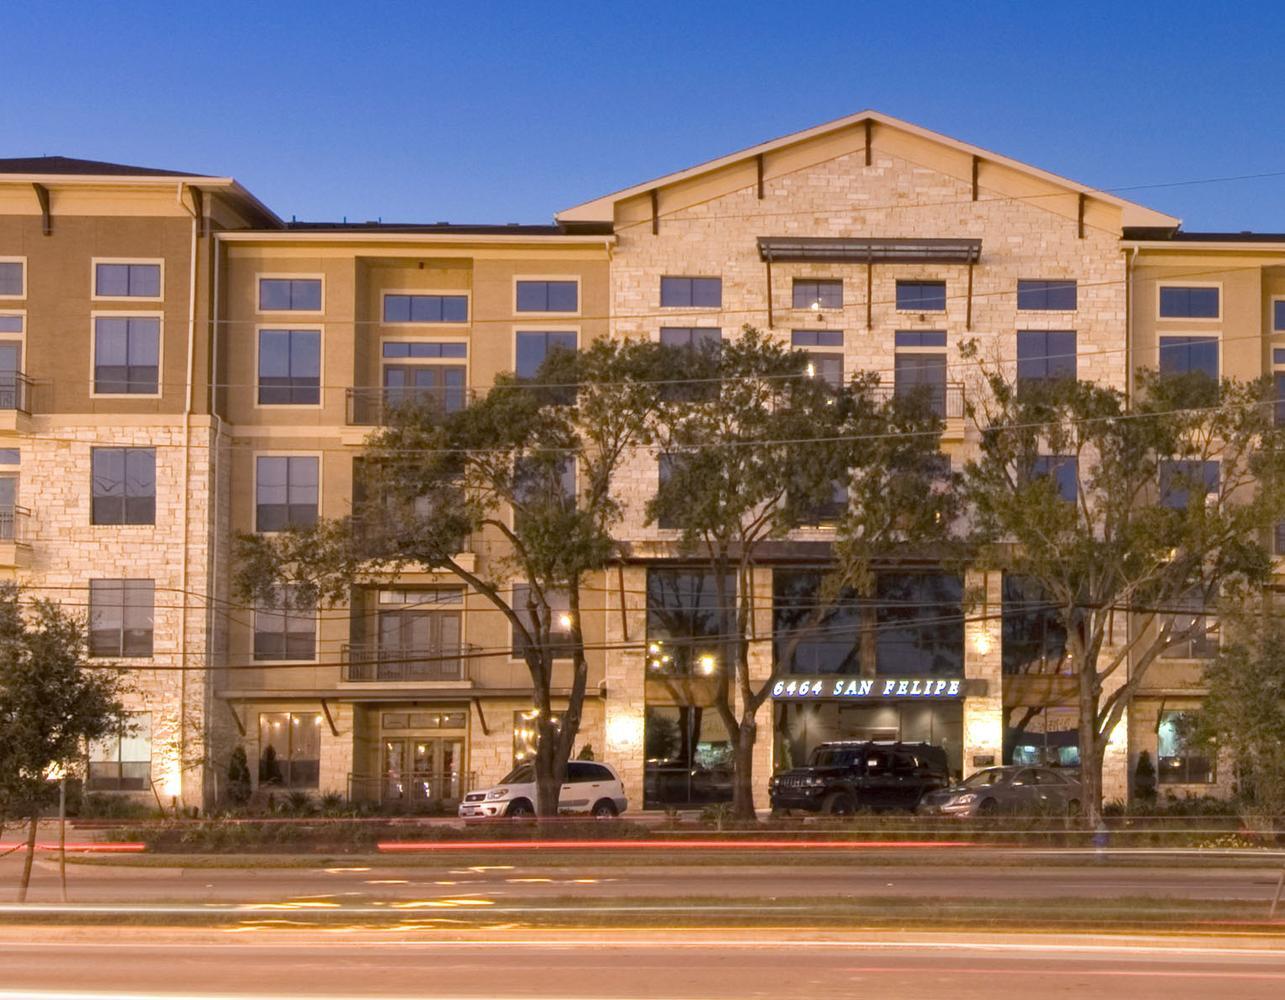 Gables 6464 San Felipe | Gables Residential Communities